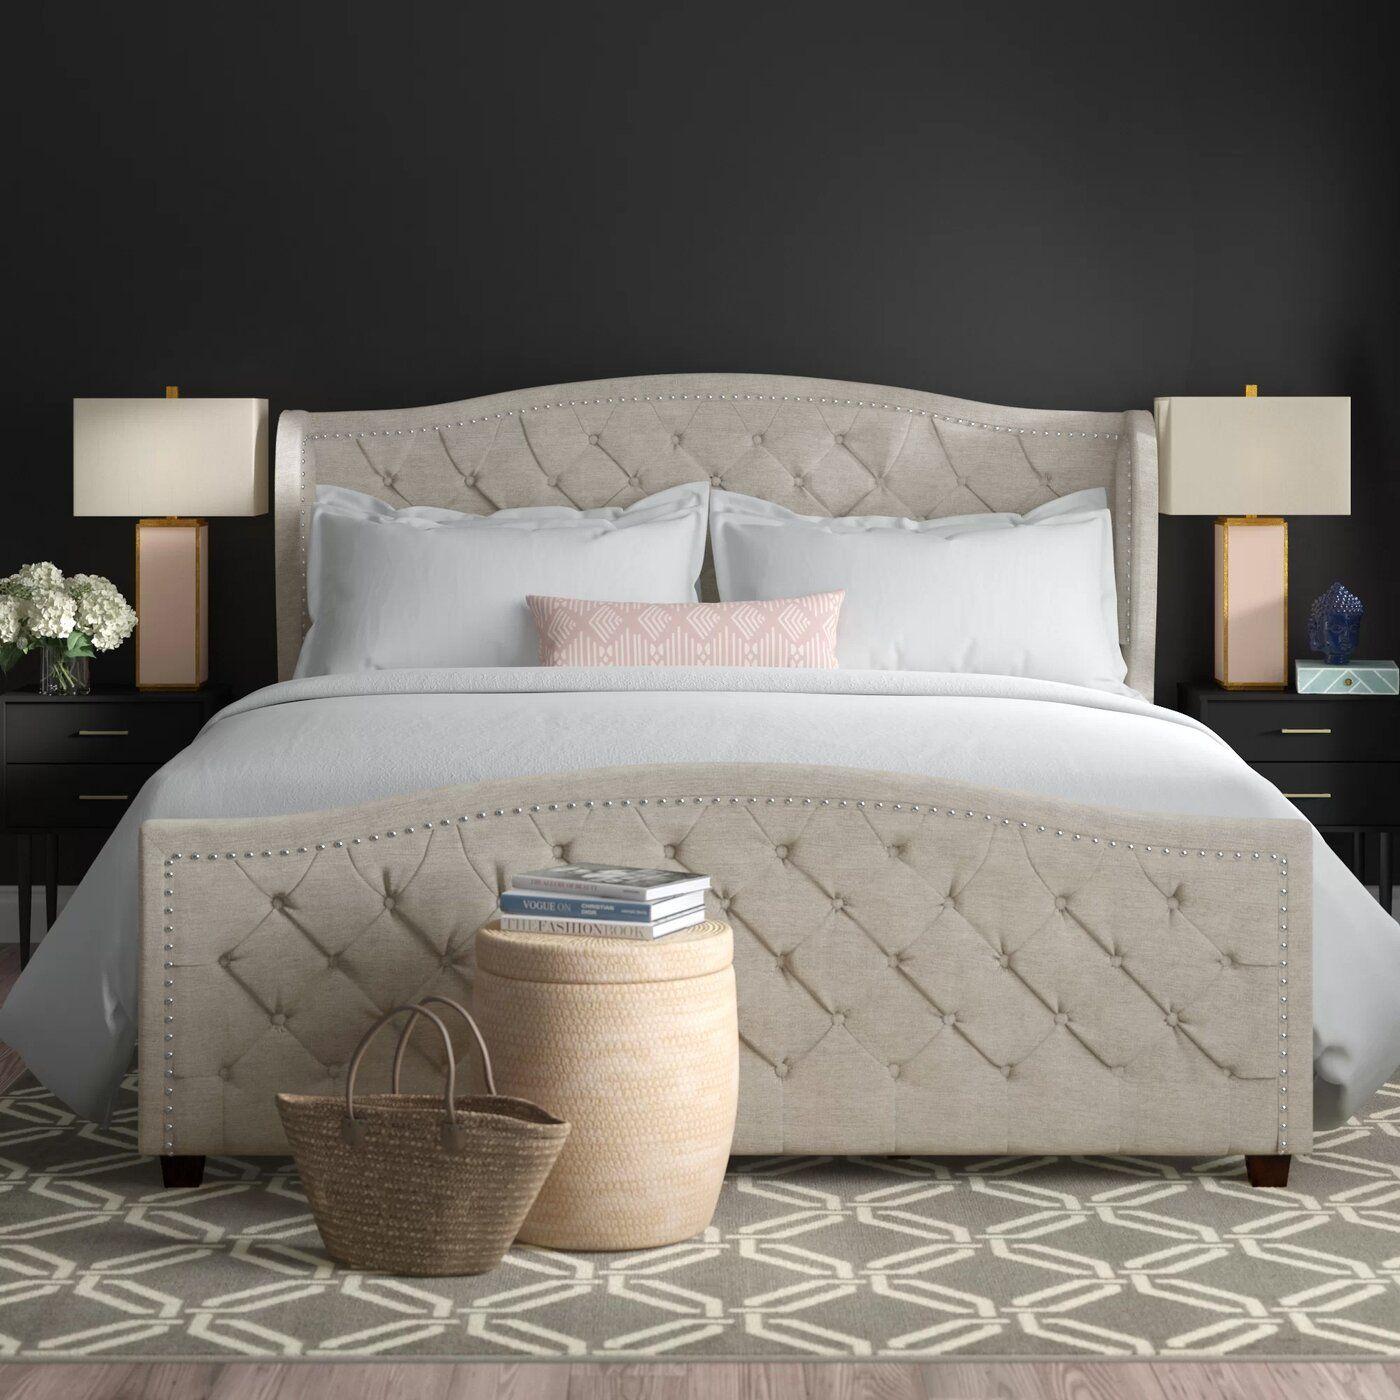 Hollington Upholstered Panel Bed Bed headboard design